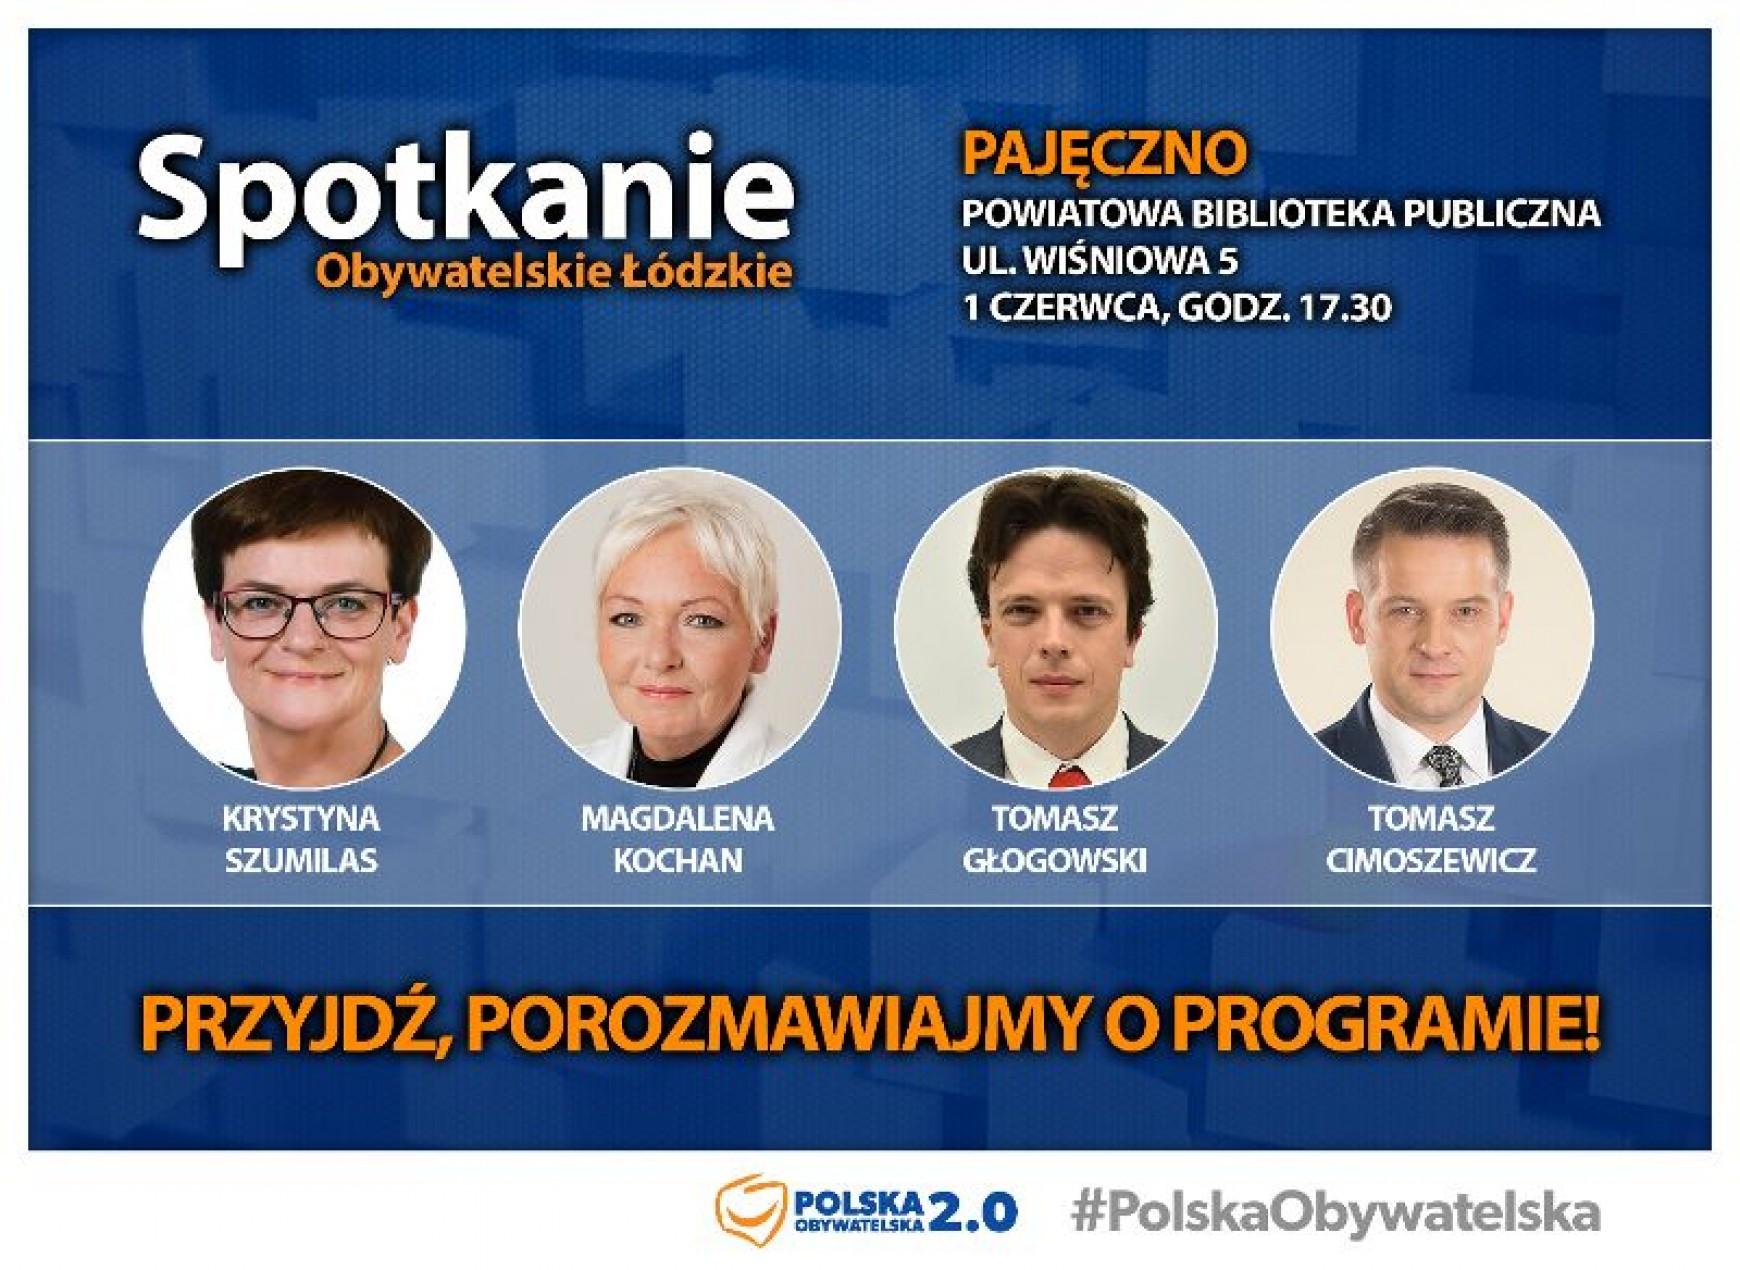 Spotkanie Obywatelskie w Pajęcznie